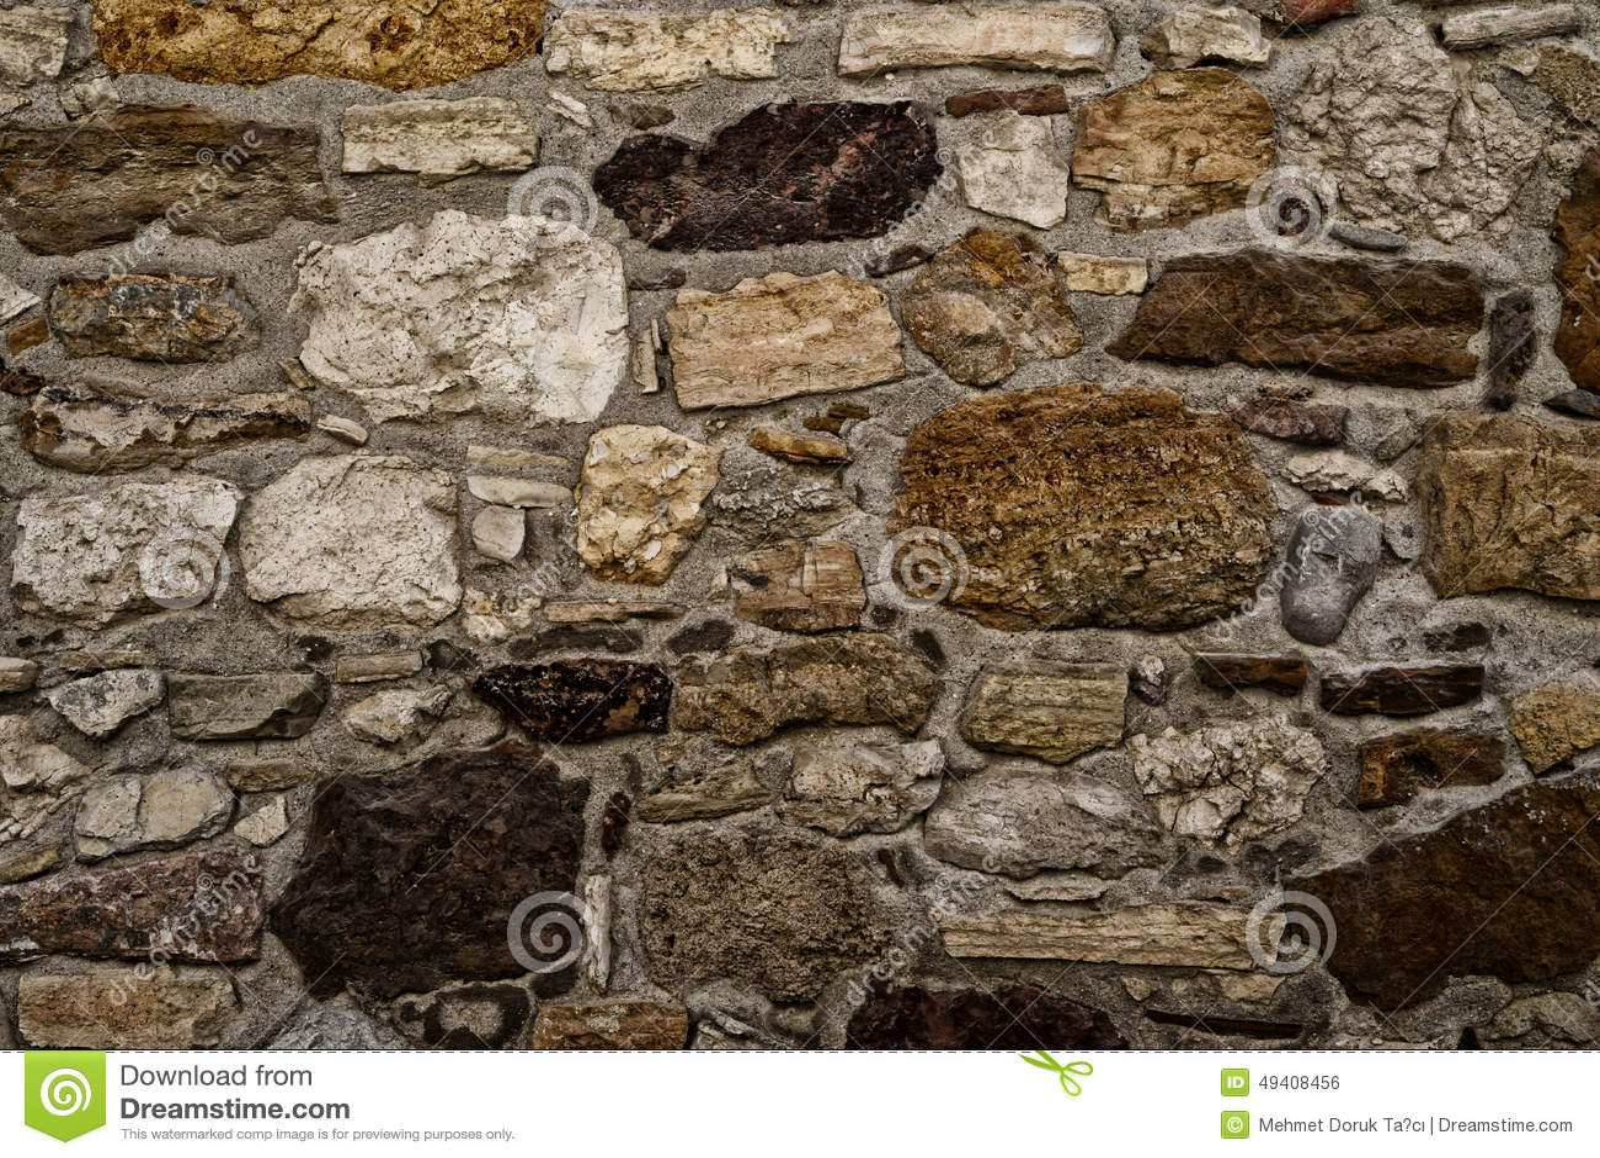 Download Natürliches Felsen Muster stockfoto. Bild von innen, schwarzes - 49408456